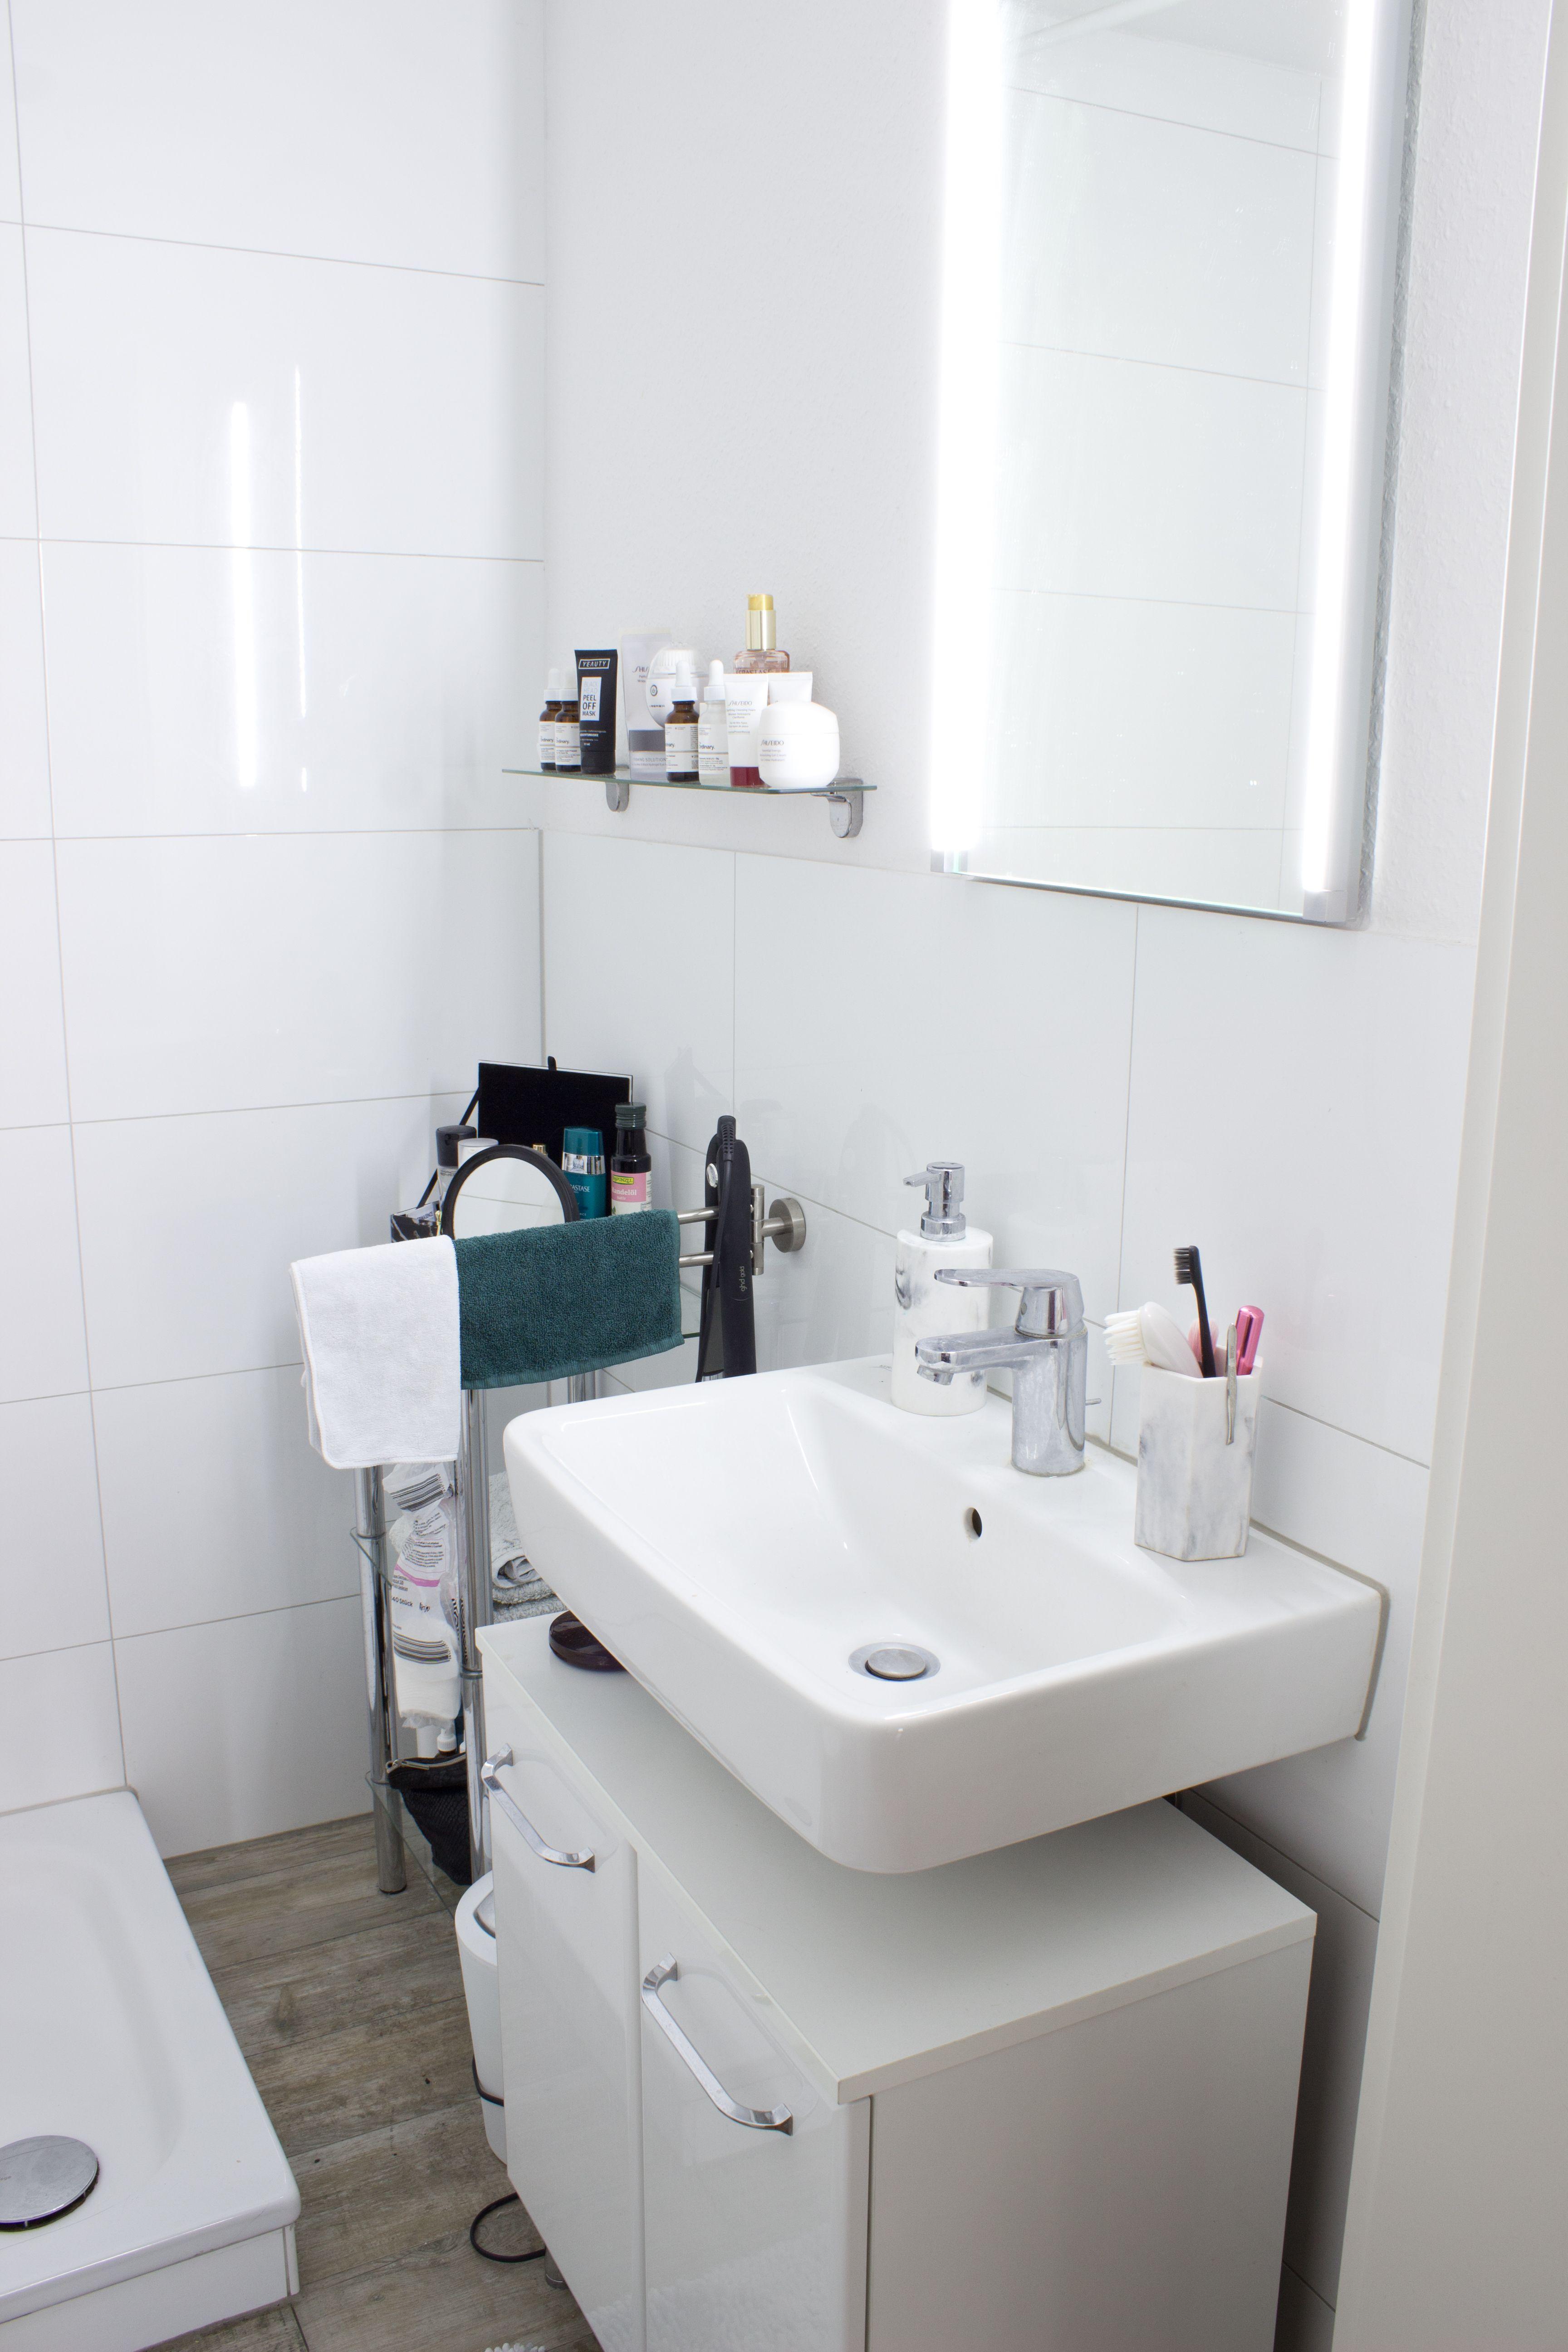 Weisses Badezimmer In Dusseldorf Mit Spiegel Und Waschbecken Wggesucht Wg Bad Dusseldorf Weiss Modern Badezimmer Waschbecke Schone Badezimmer Weisse Badezimmer Und Waschbecken